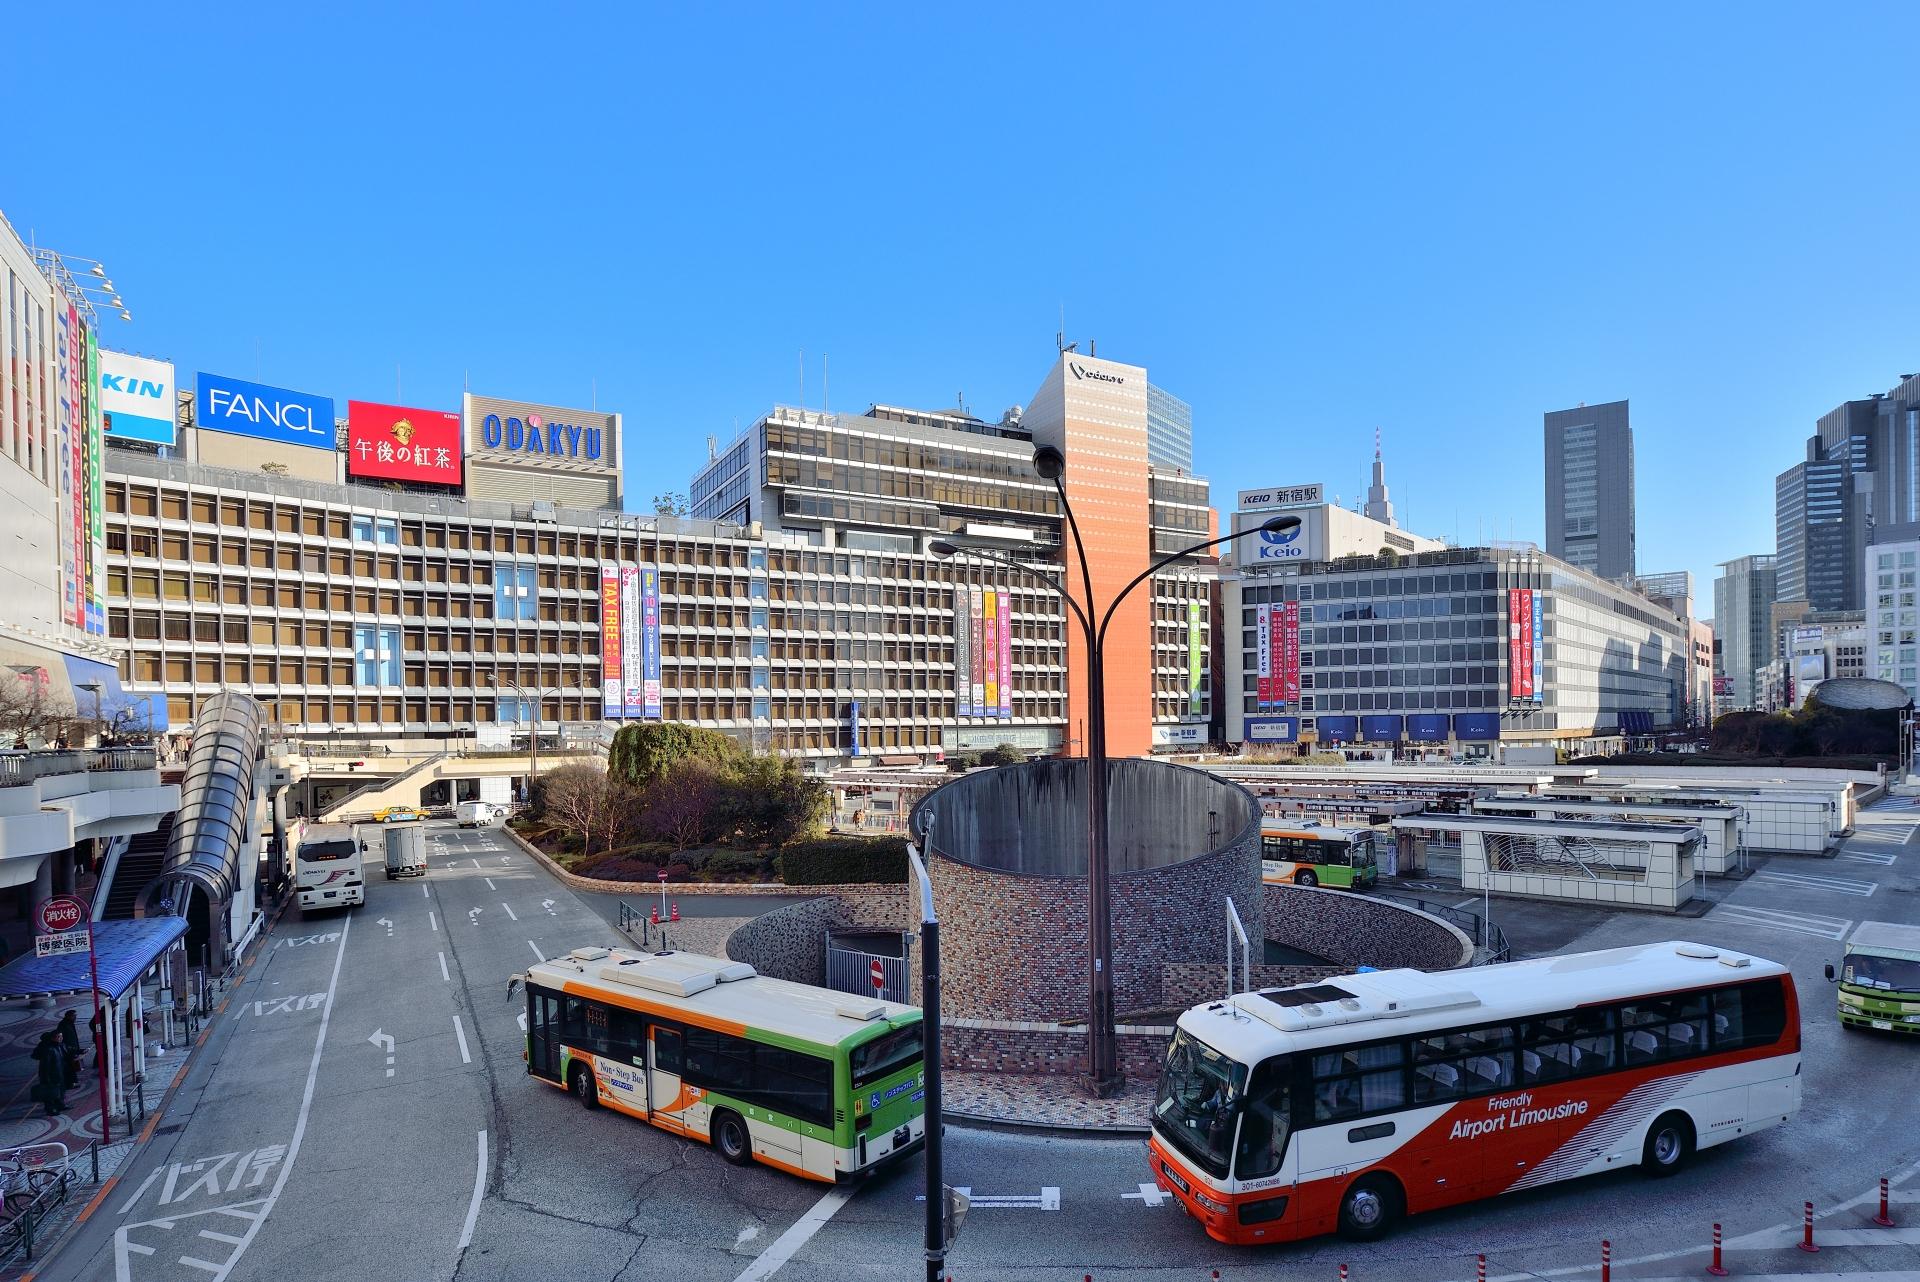 東急ハンズ新宿店への行き方まとめ!新宿駅・東京メトロからのアクセス方法は?